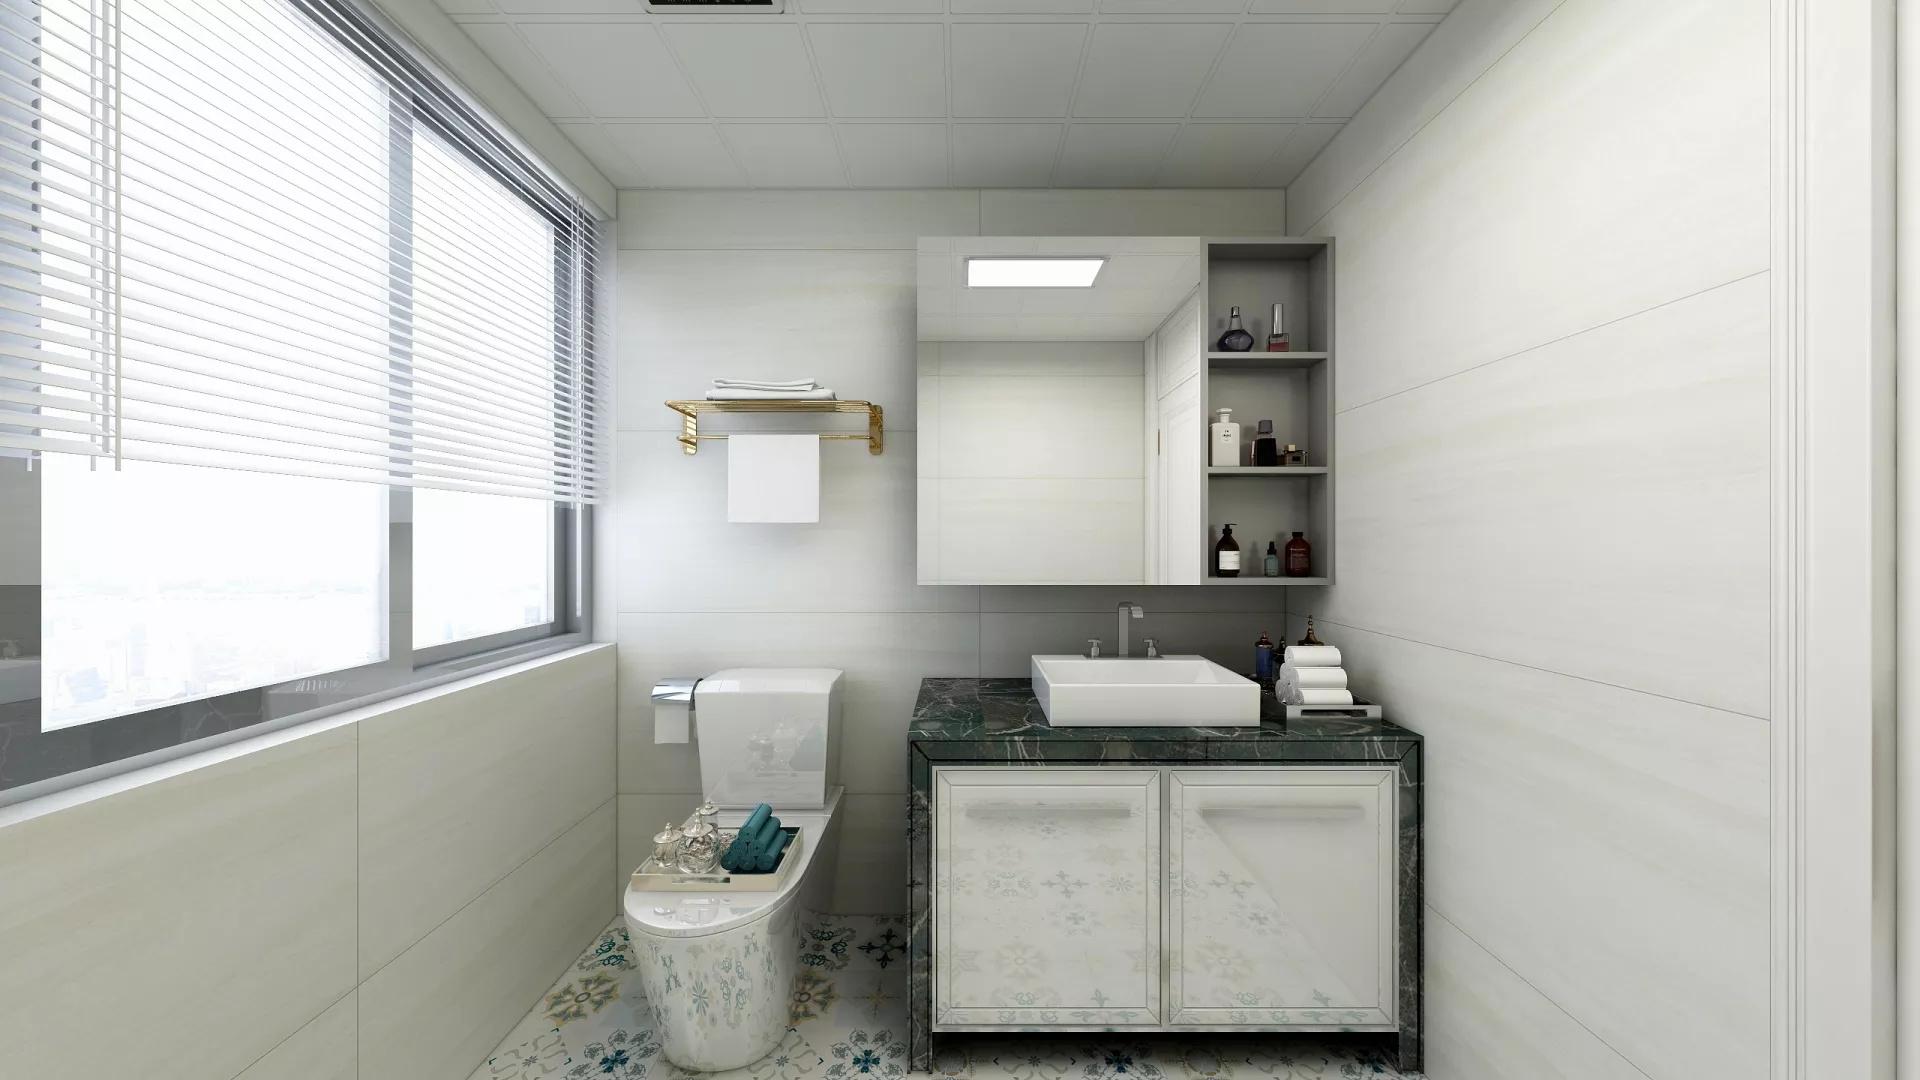 客厅有哪些细节的风水禁忌 客厅布置细节风水禁忌